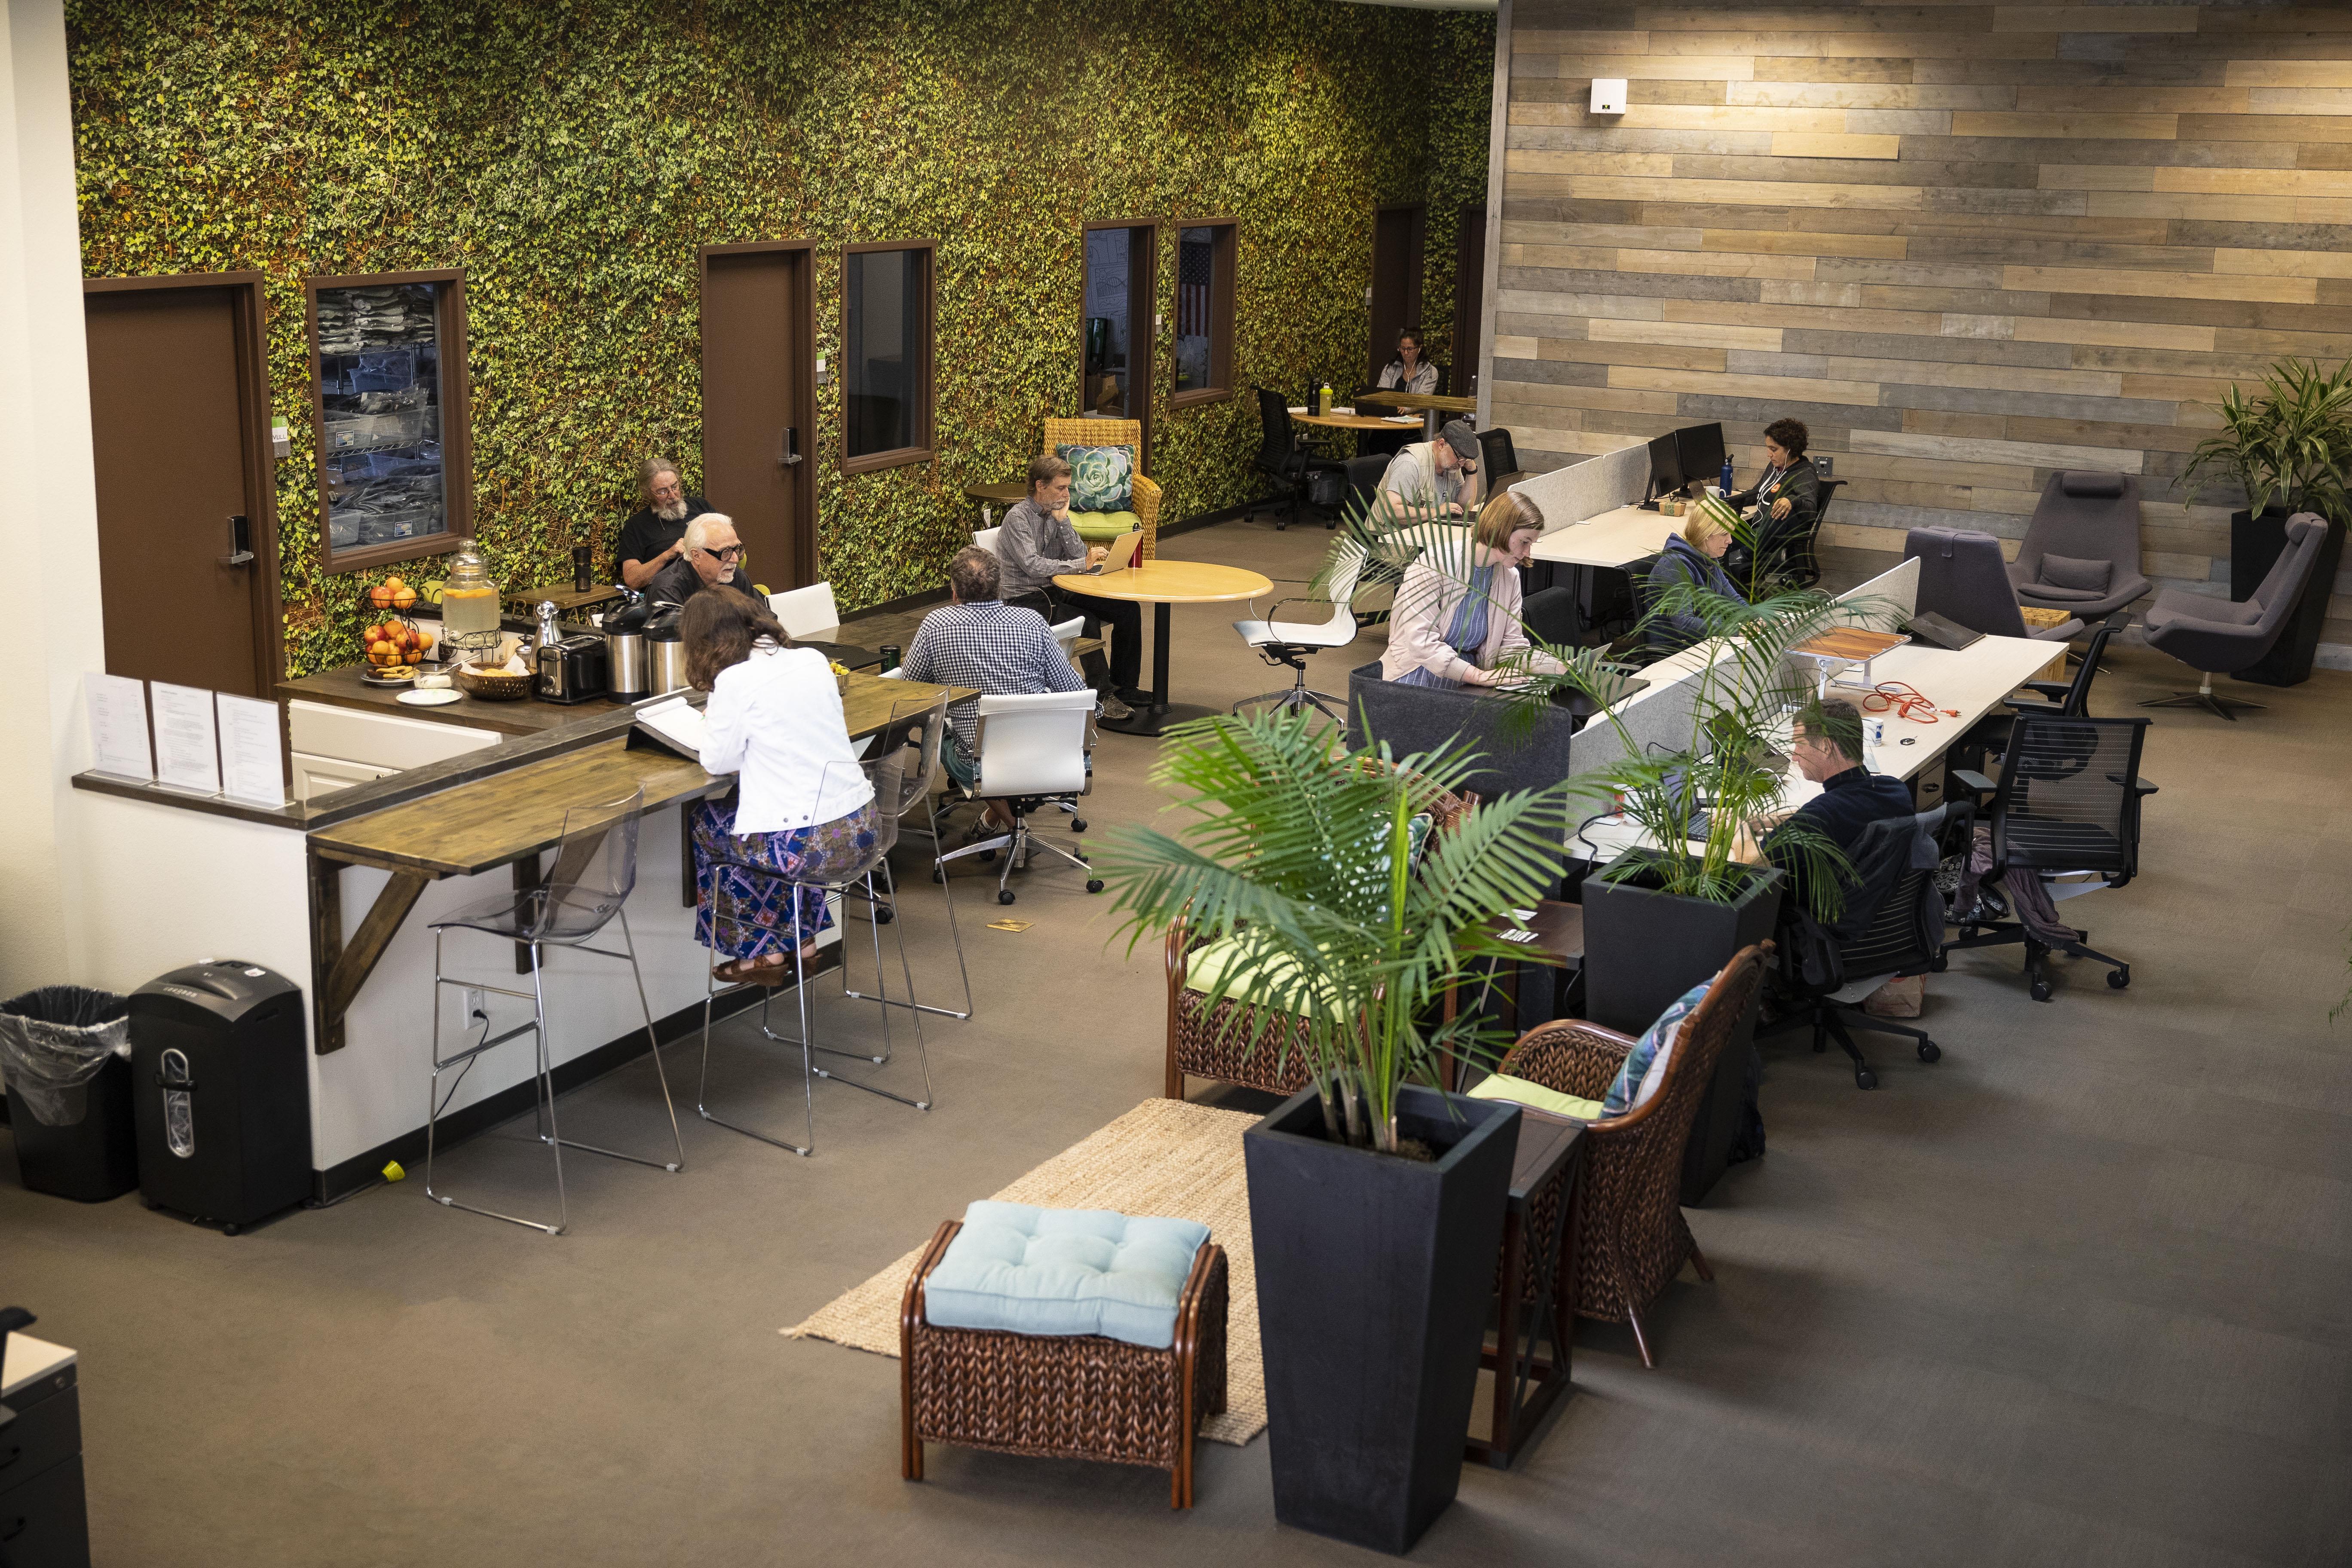 Satellite Center Santa Cruz - Cafe Seating 4